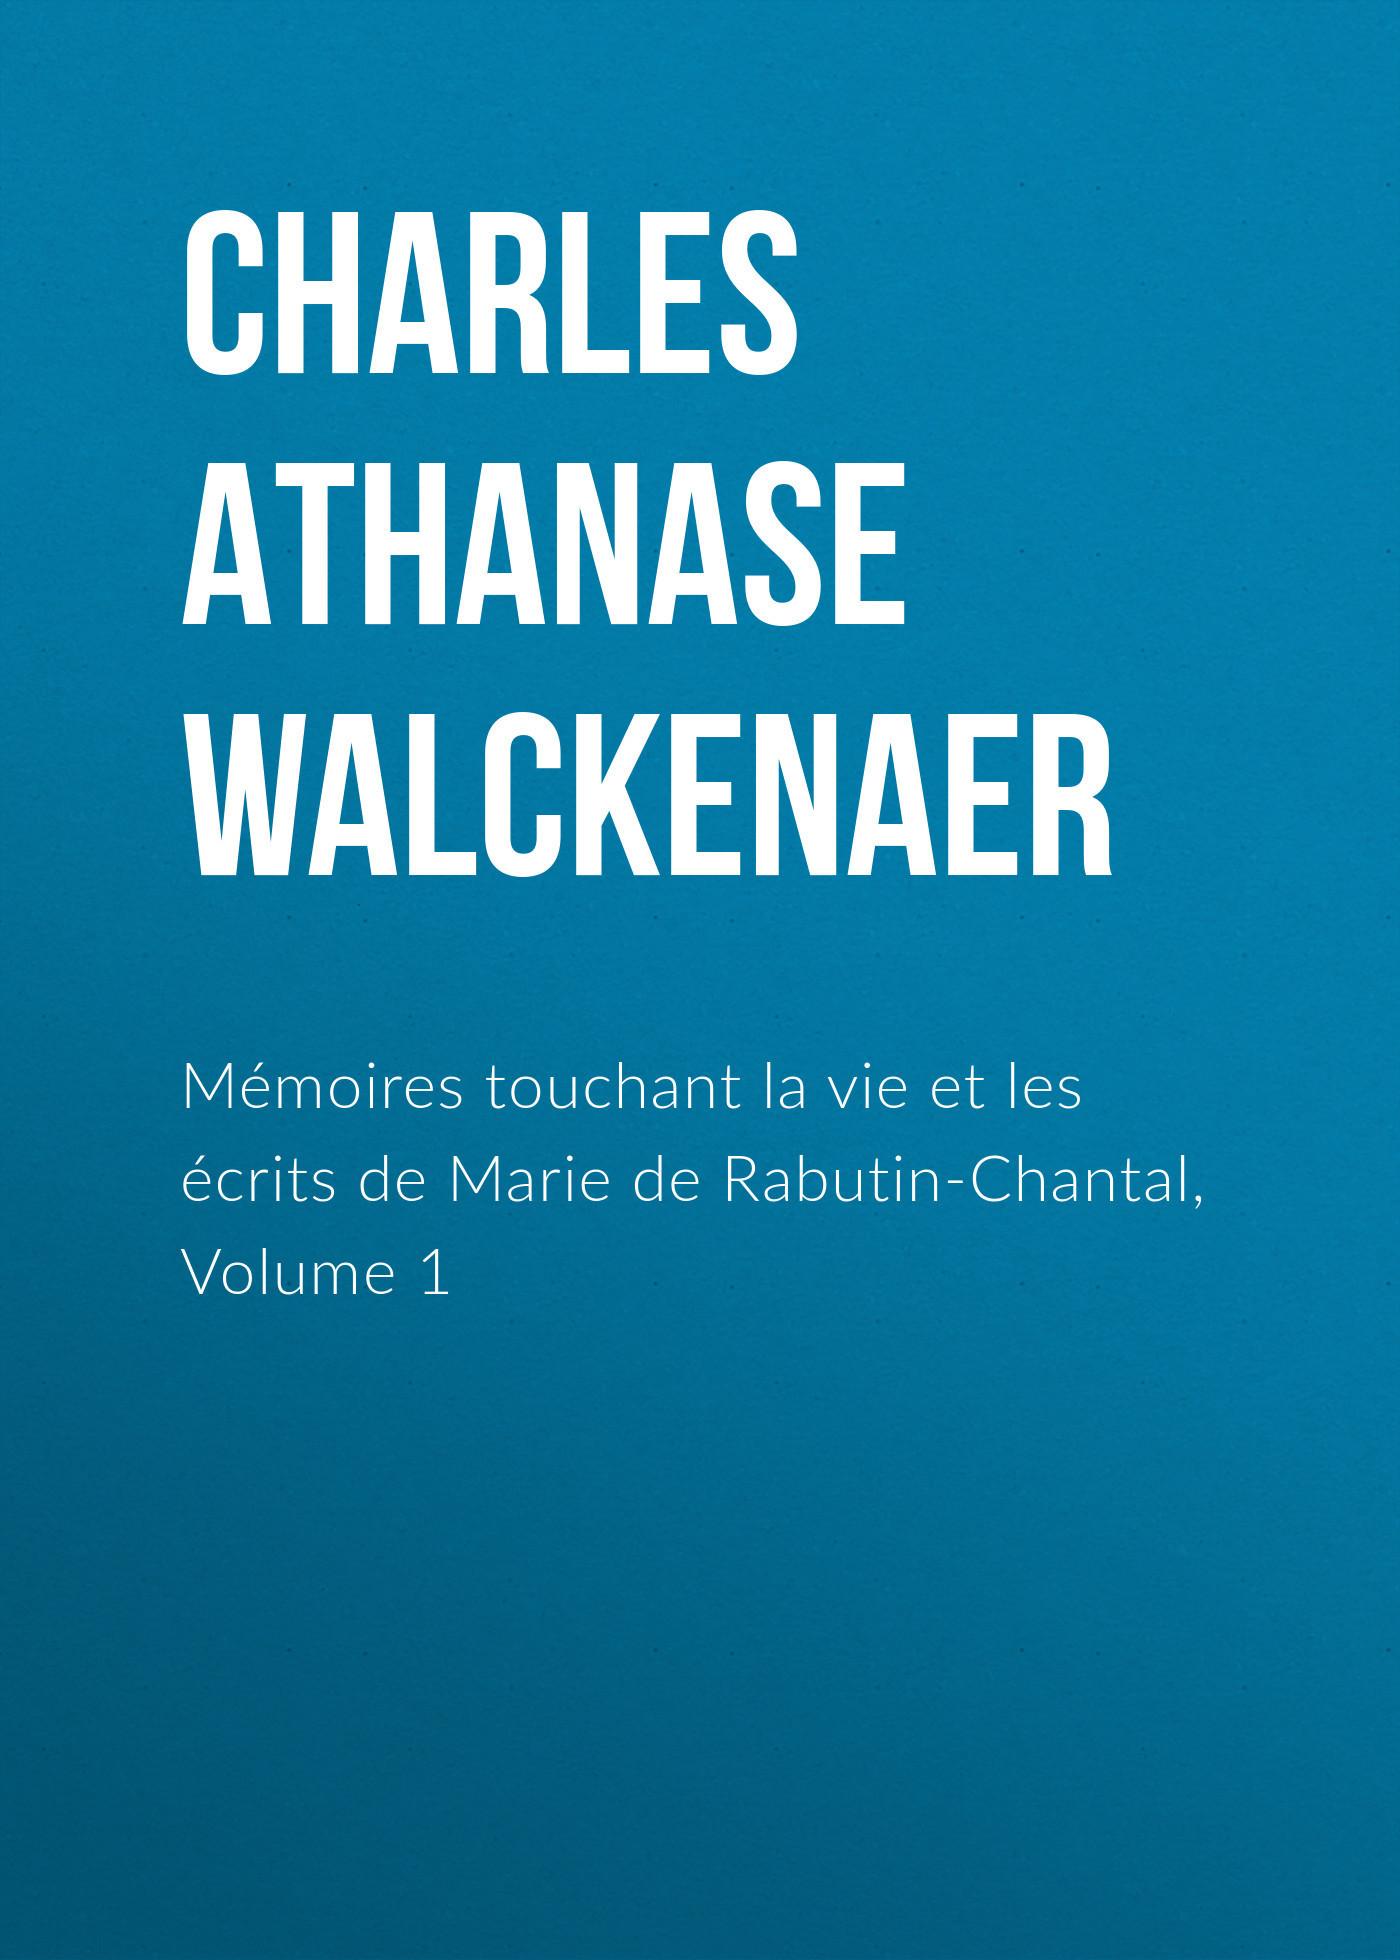 Charles Athanase Walckenaer Mémoires touchant la vie et les écrits de Marie de Rabutin-Chantal, Volume 1 les miserables volume 1